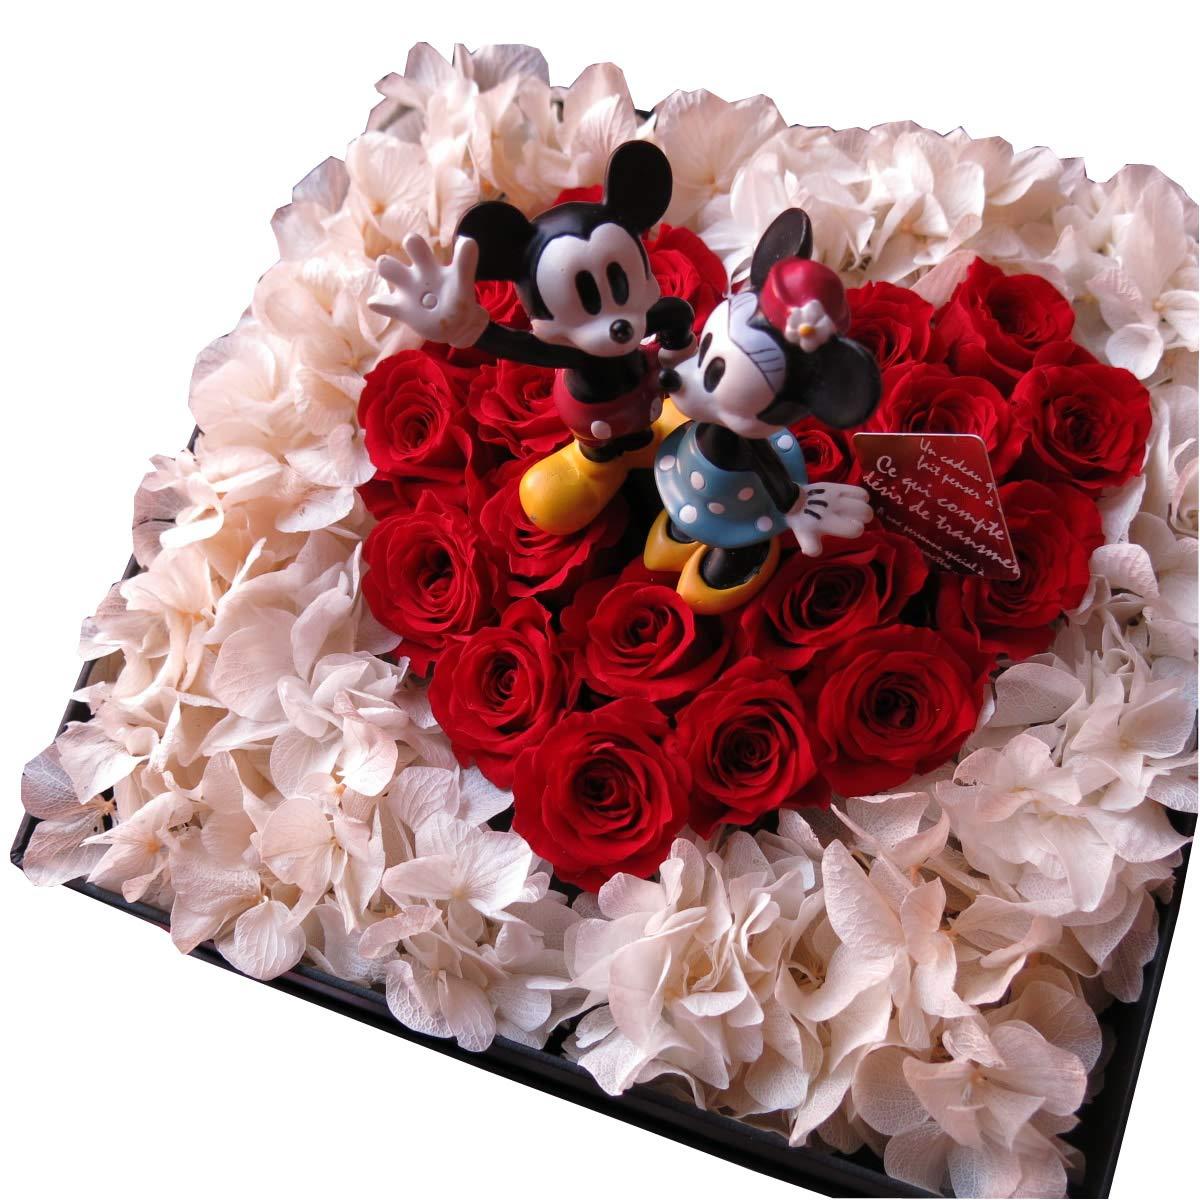 ミッキー ミニー入り 花 ディズニー フラワーギフト プリザーブドフラワー  赤バラ ハート 箱開けてスマイル ボックス(L)入り プリザーブドフラワー ノーマル... B00U2MV8MU